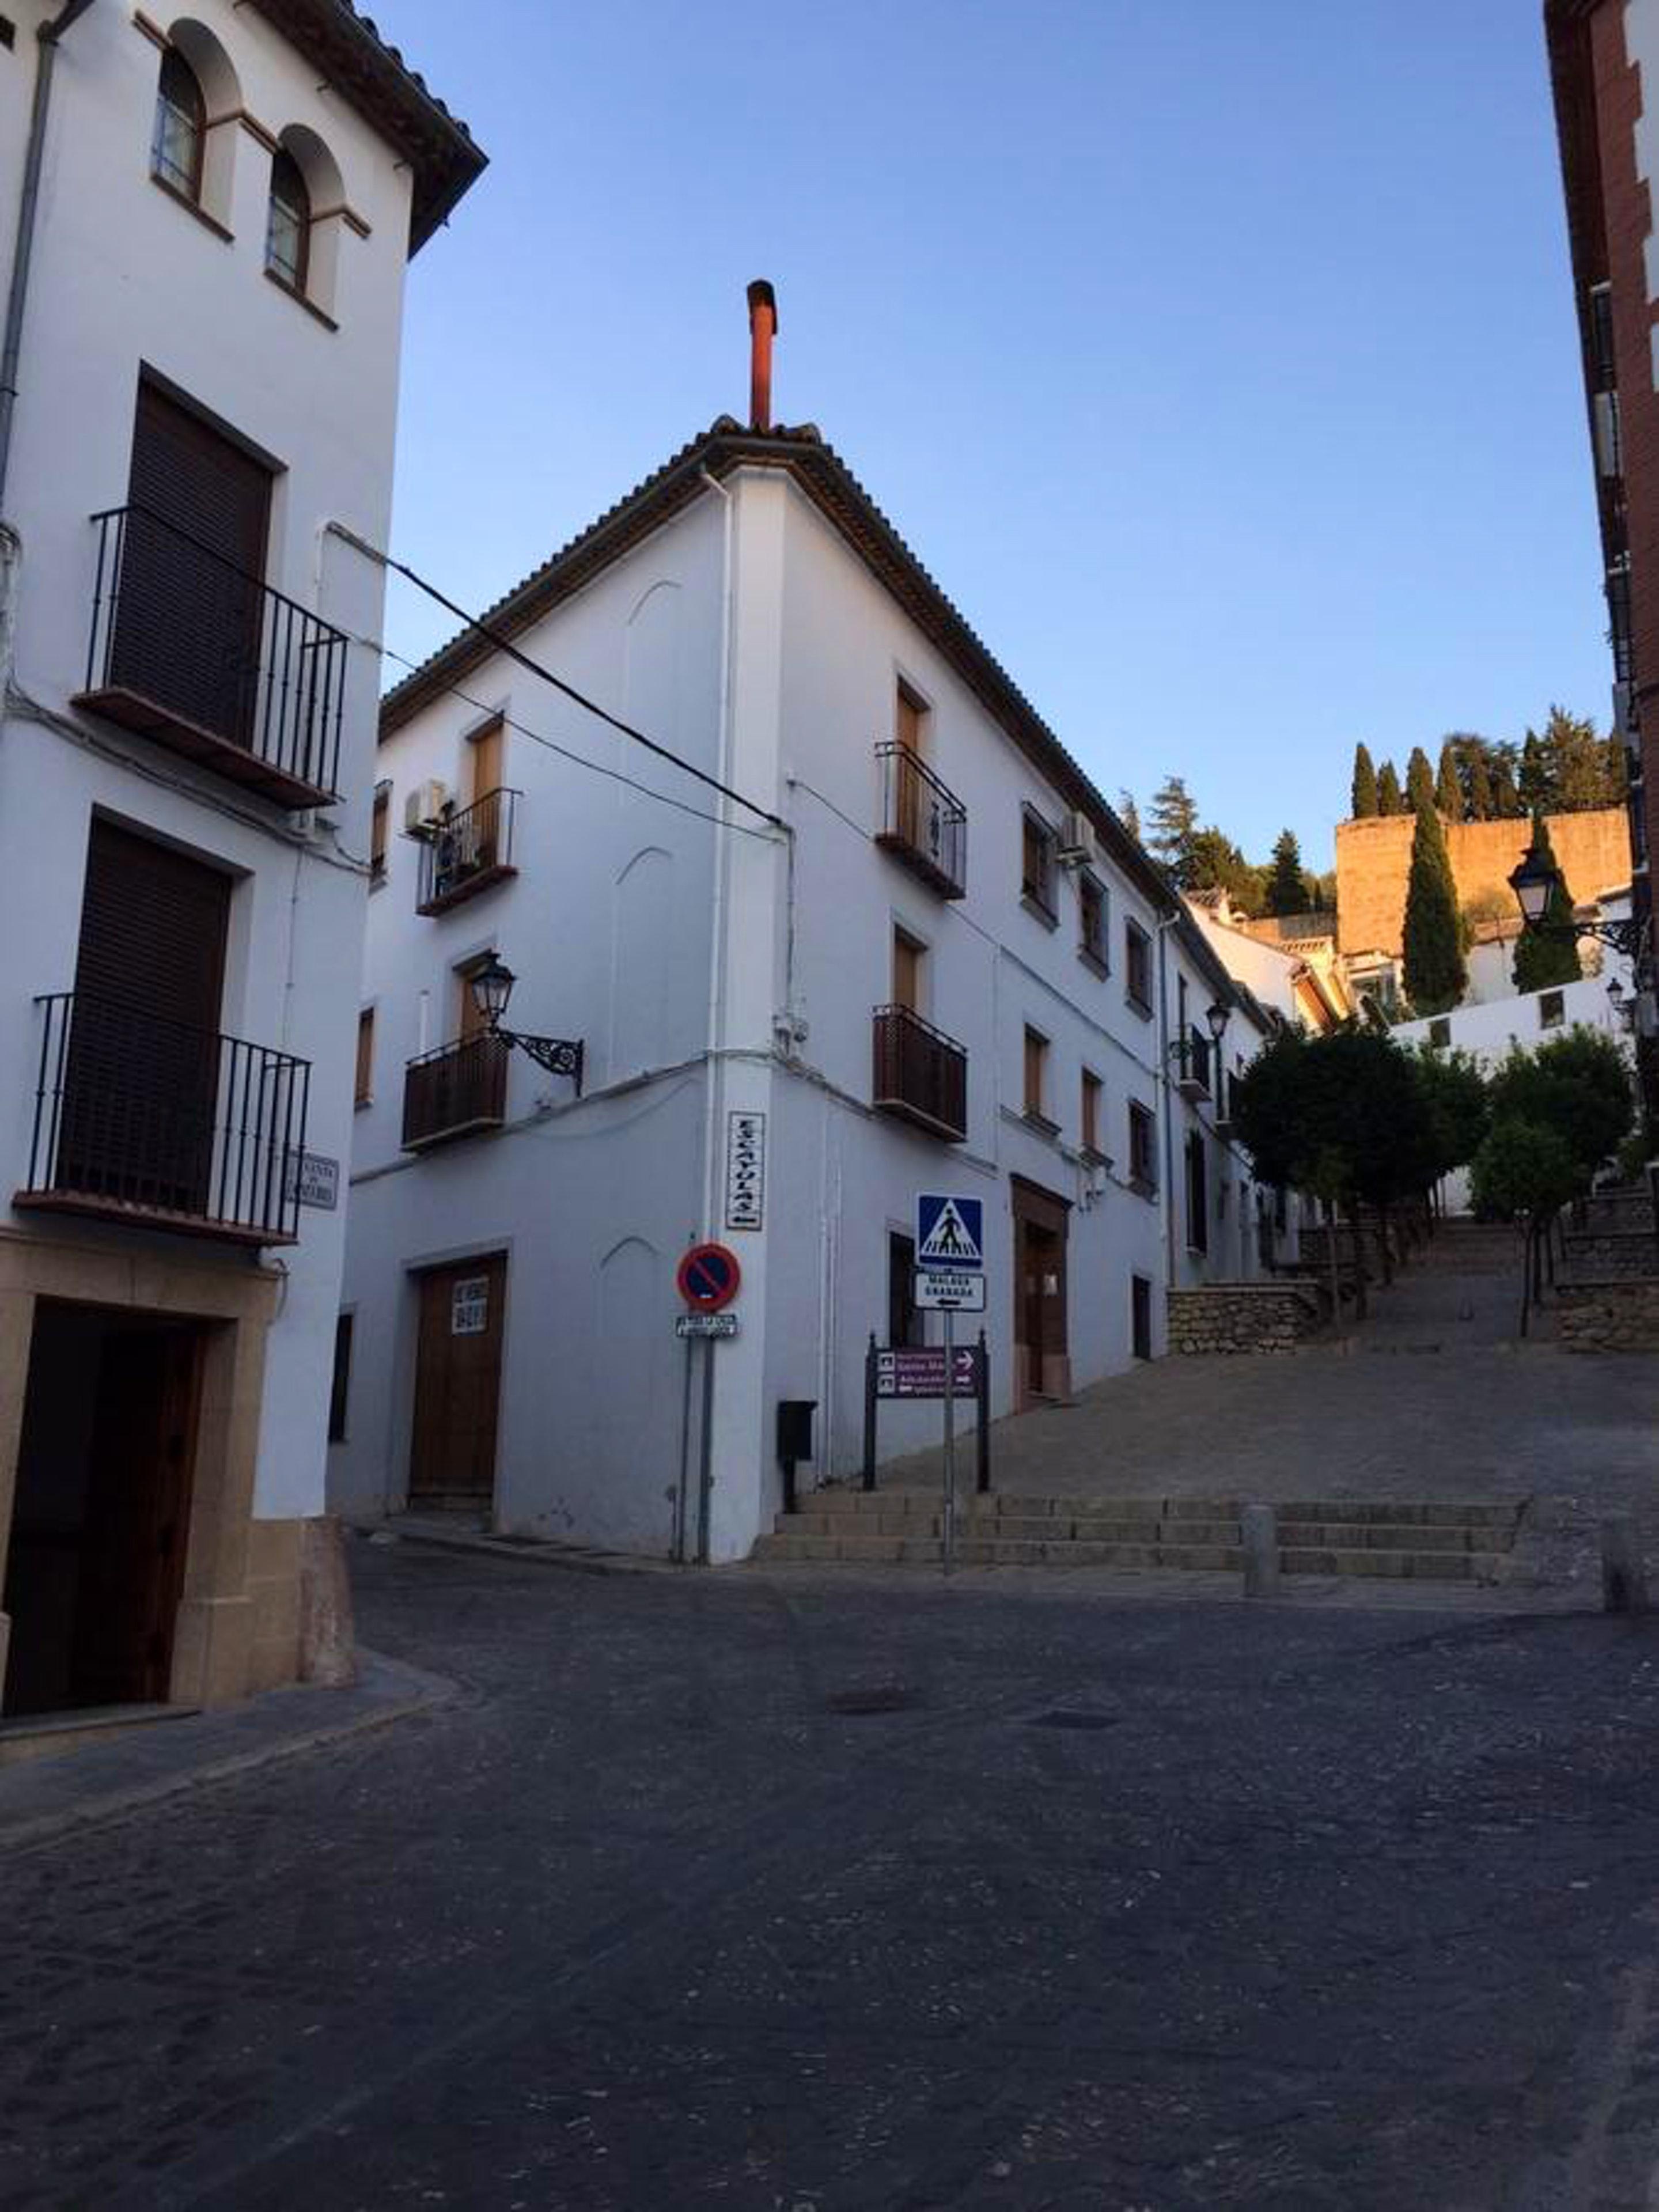 Ferienwohnung Wohnung mit 3 Schlafzimmern in Antequera mit möblierter Terrasse und W-LAN (2706842), Antequera, Malaga, Andalusien, Spanien, Bild 8